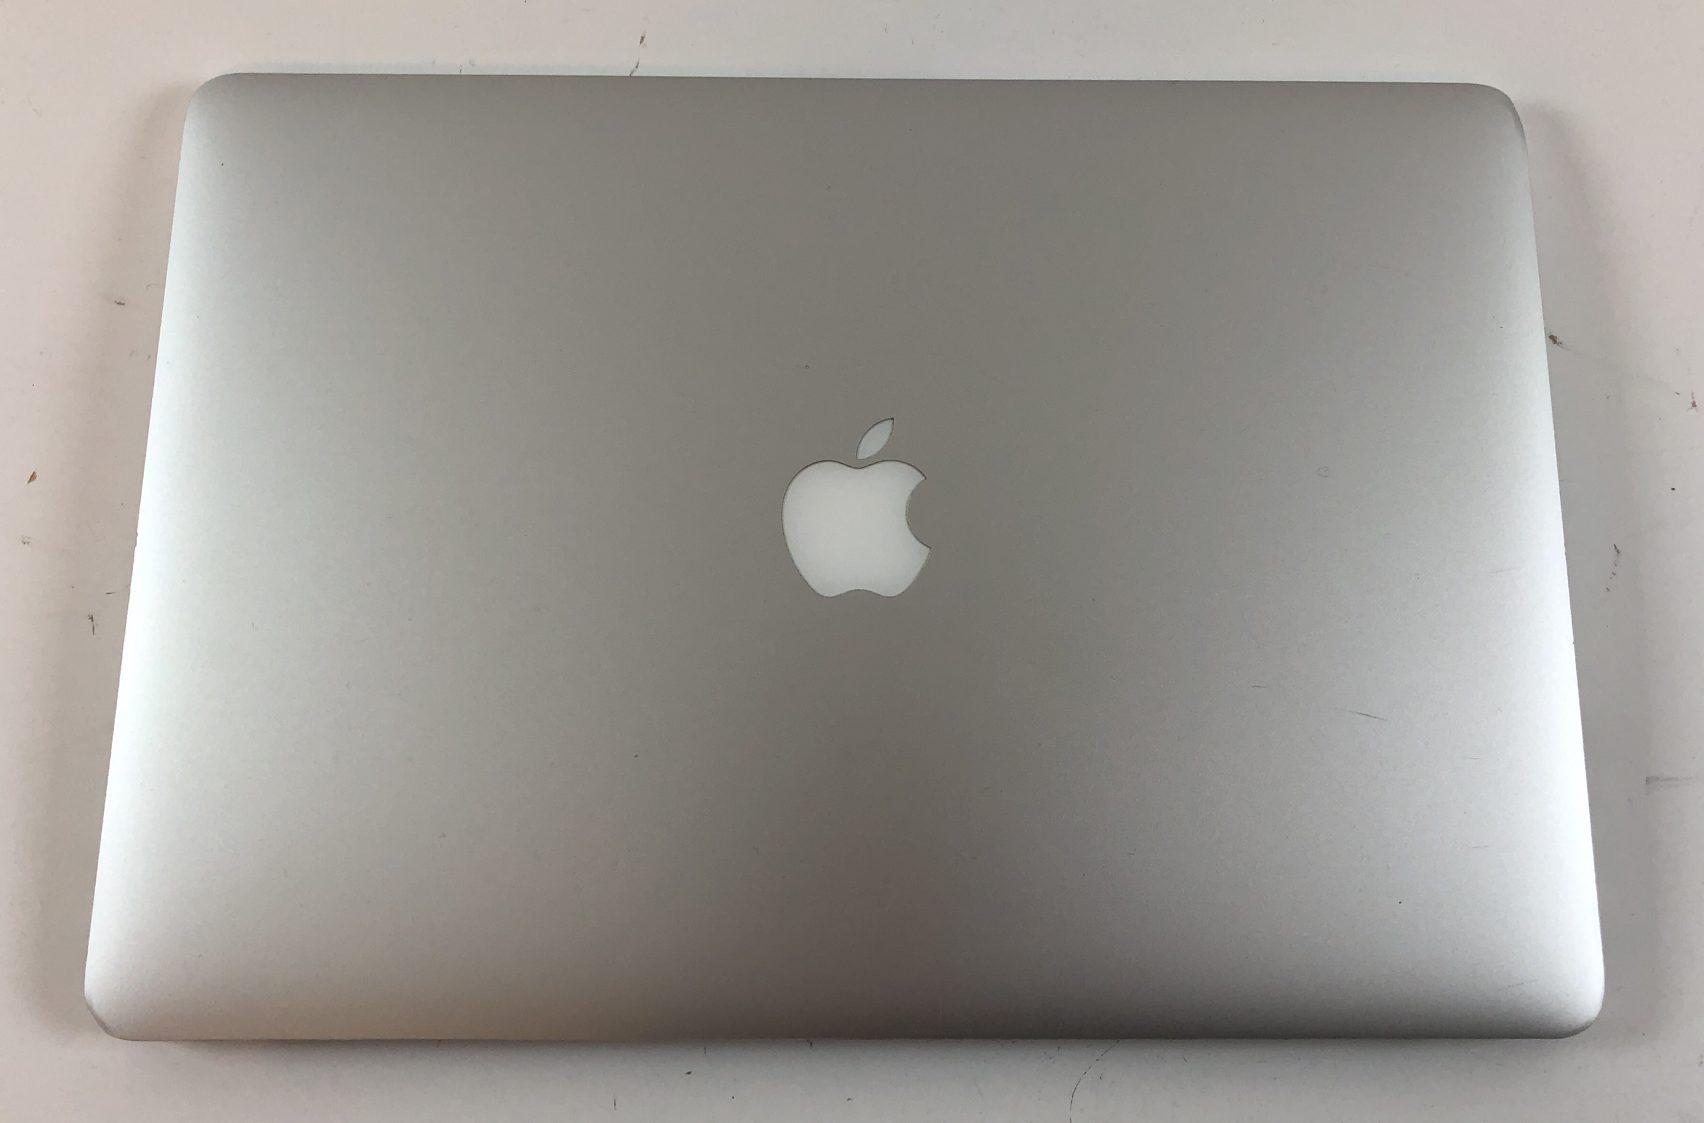 """MacBook Pro Retina 15"""" Mid 2014 (Intel Quad-Core i7 2.2 GHz 16 GB RAM 256 GB SSD), Intel Quad-Core i7 2.2 GHz, 16 GB RAM, 256 GB SSD, image 2"""